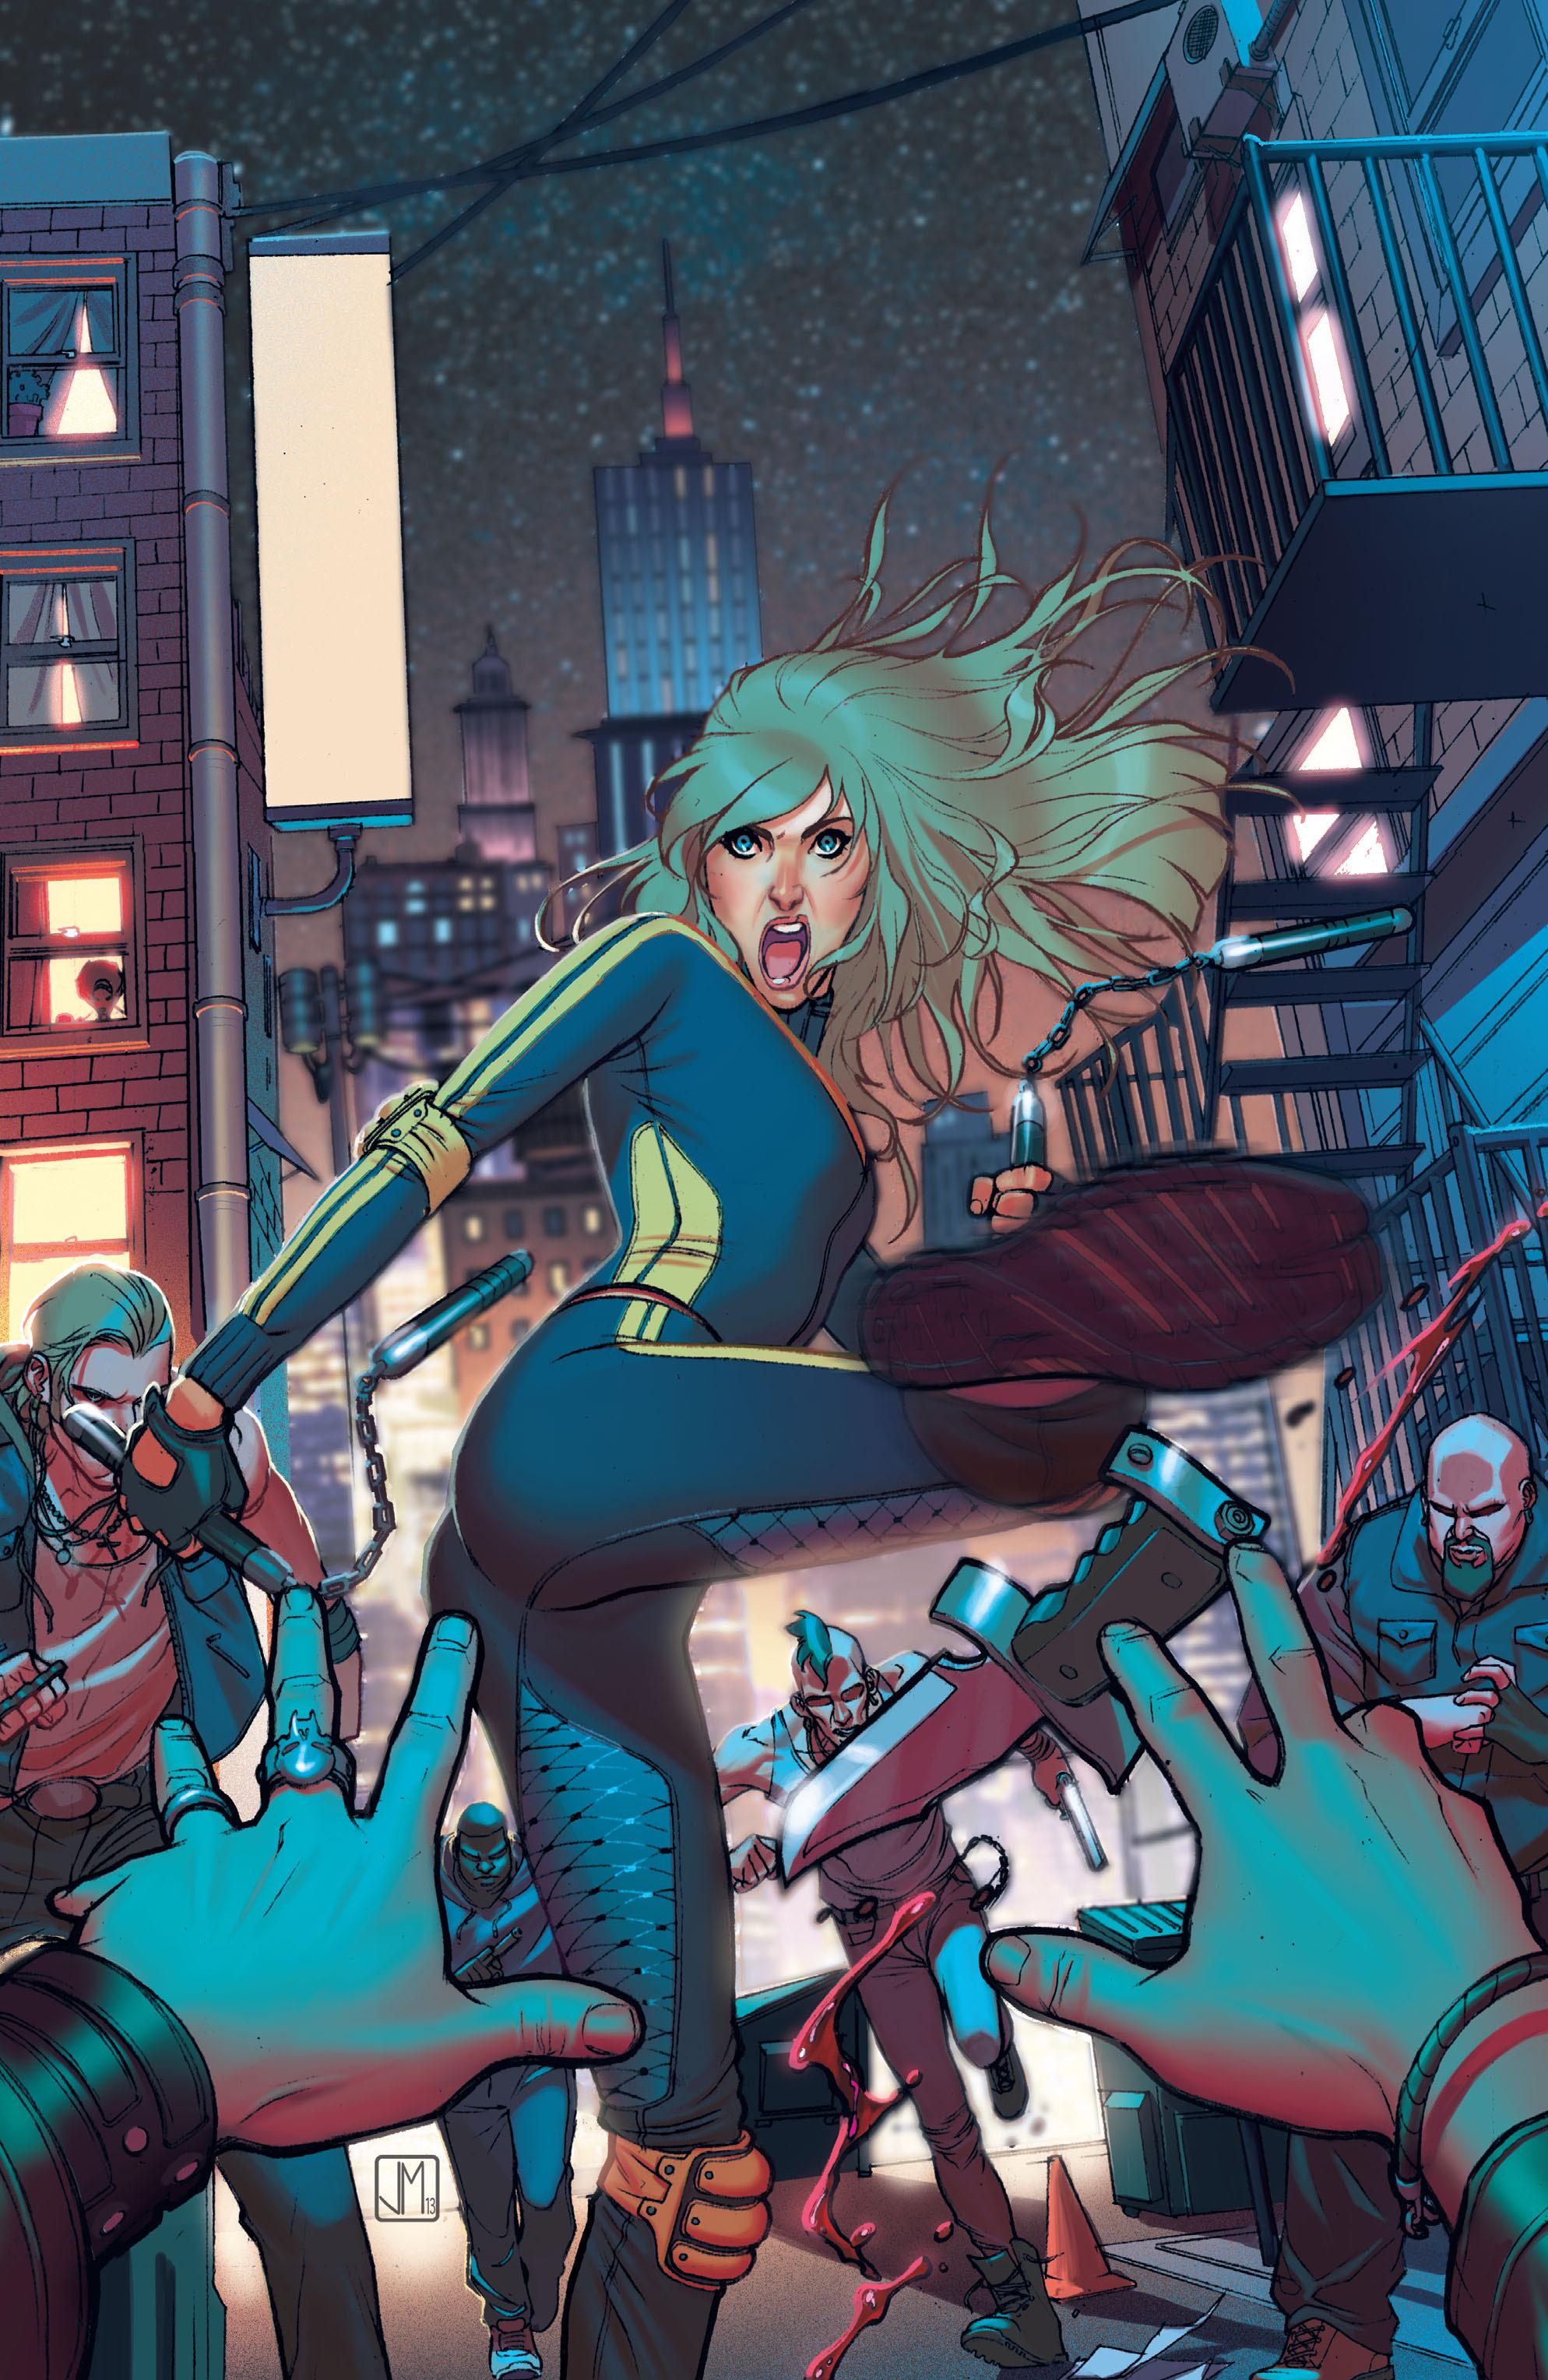 DC Comics: Zero Year chap tpb pic 172